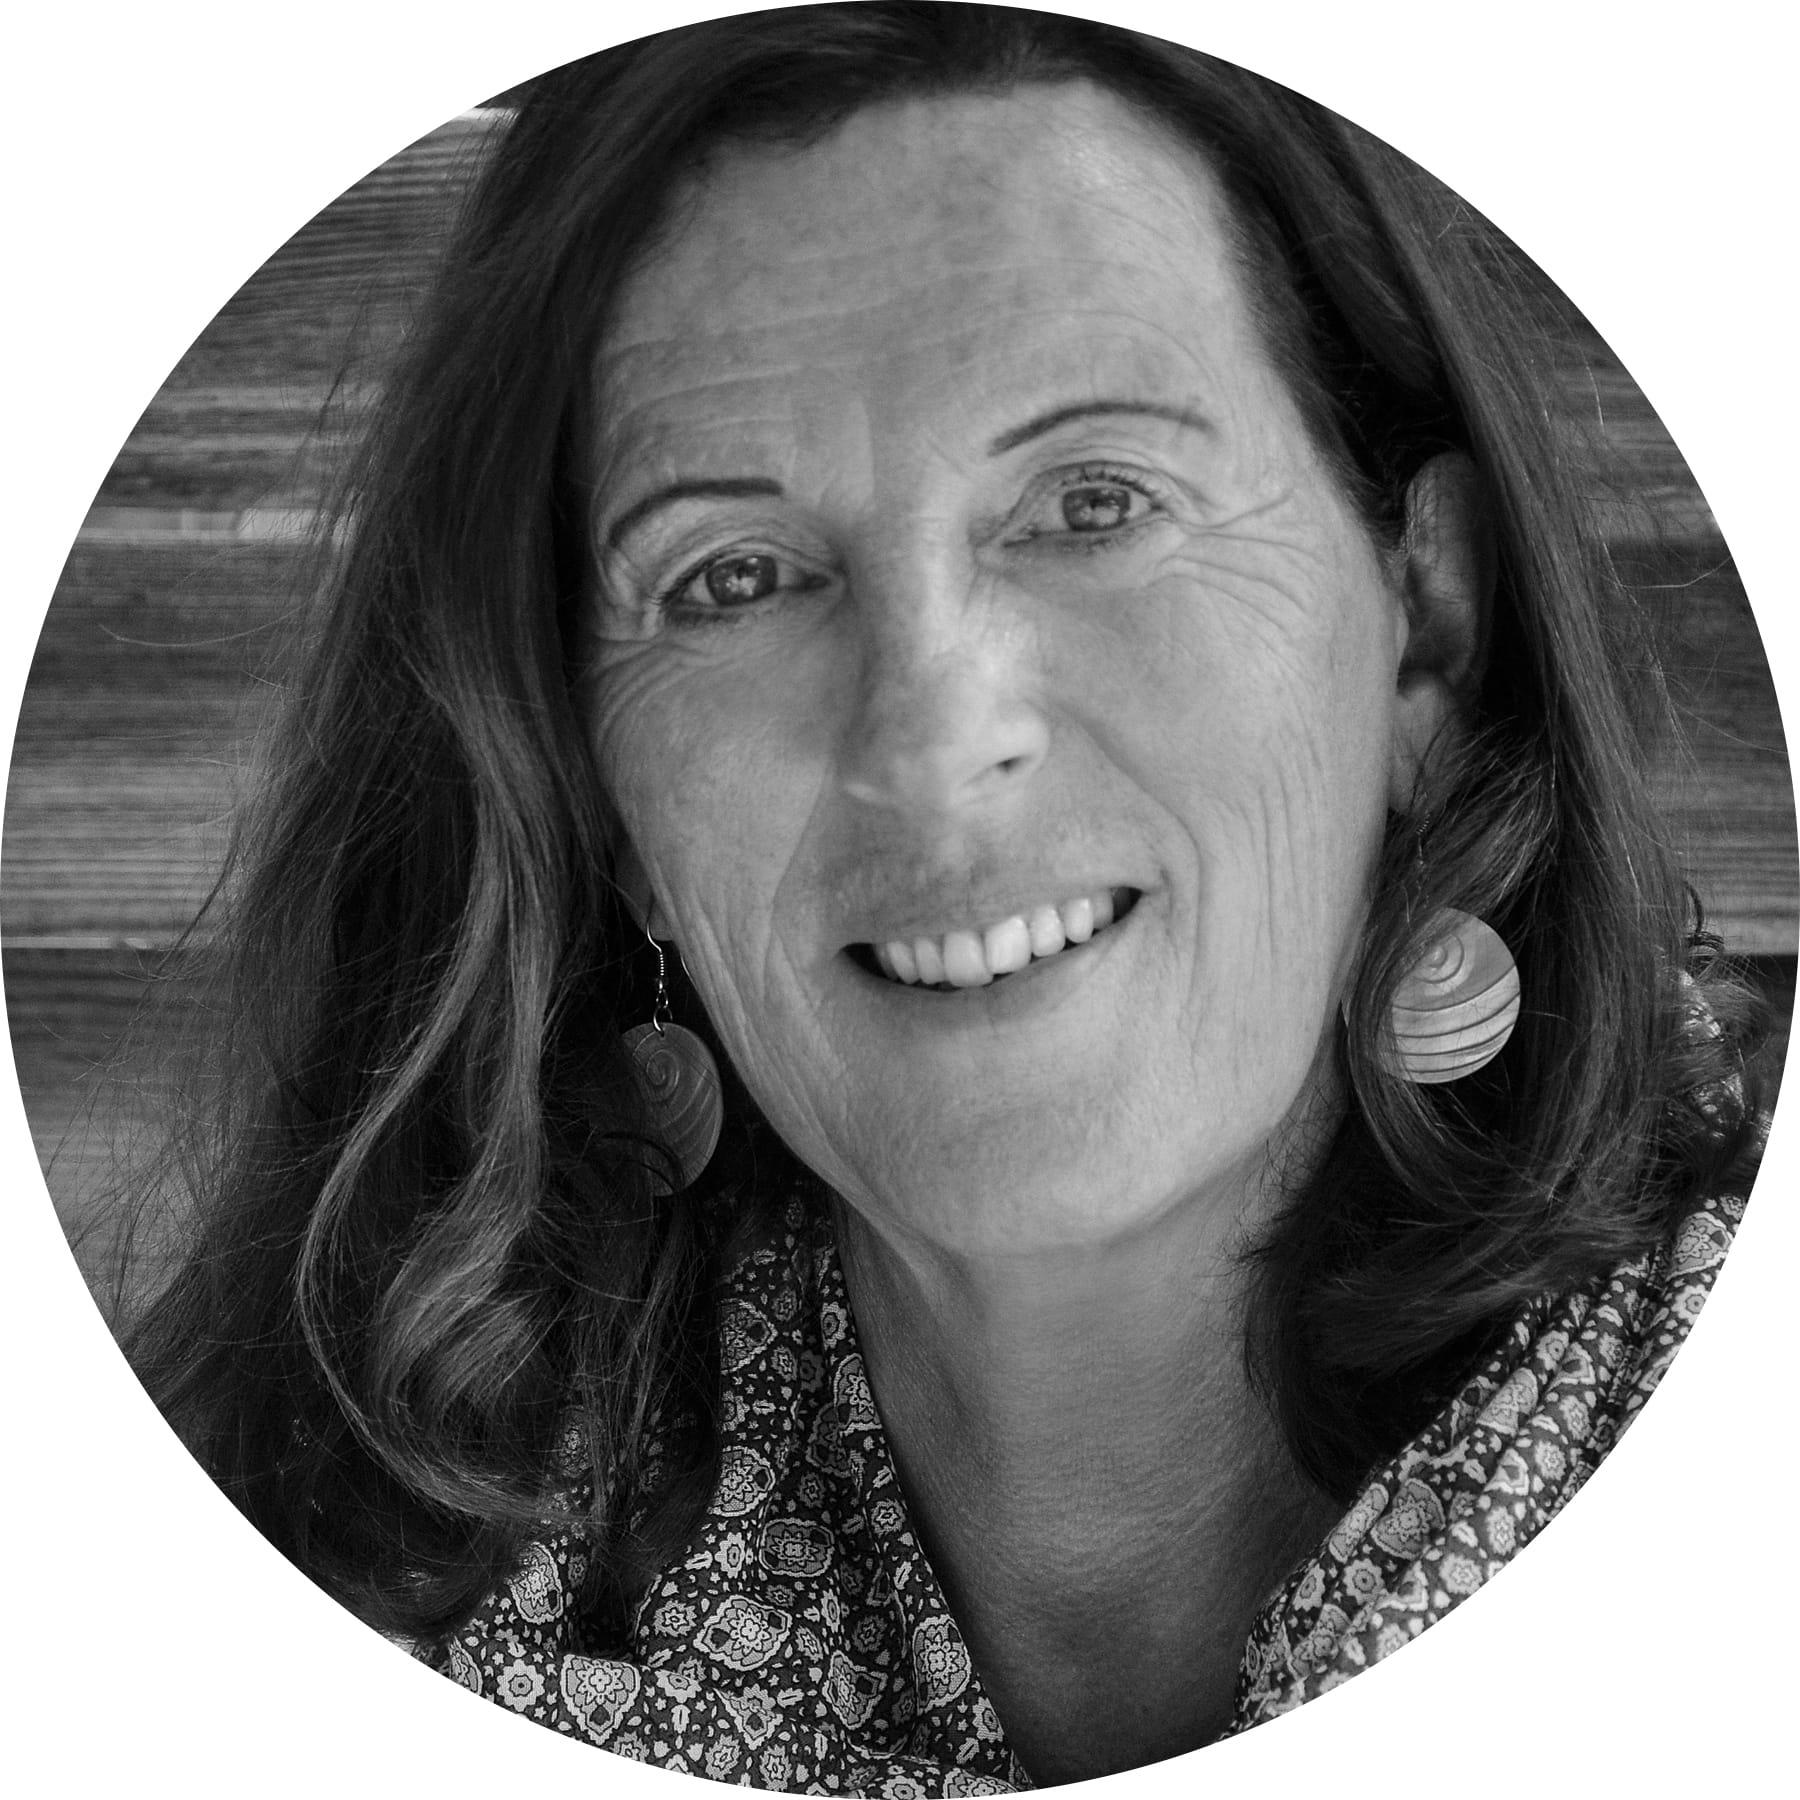 Christine Schmidthaler